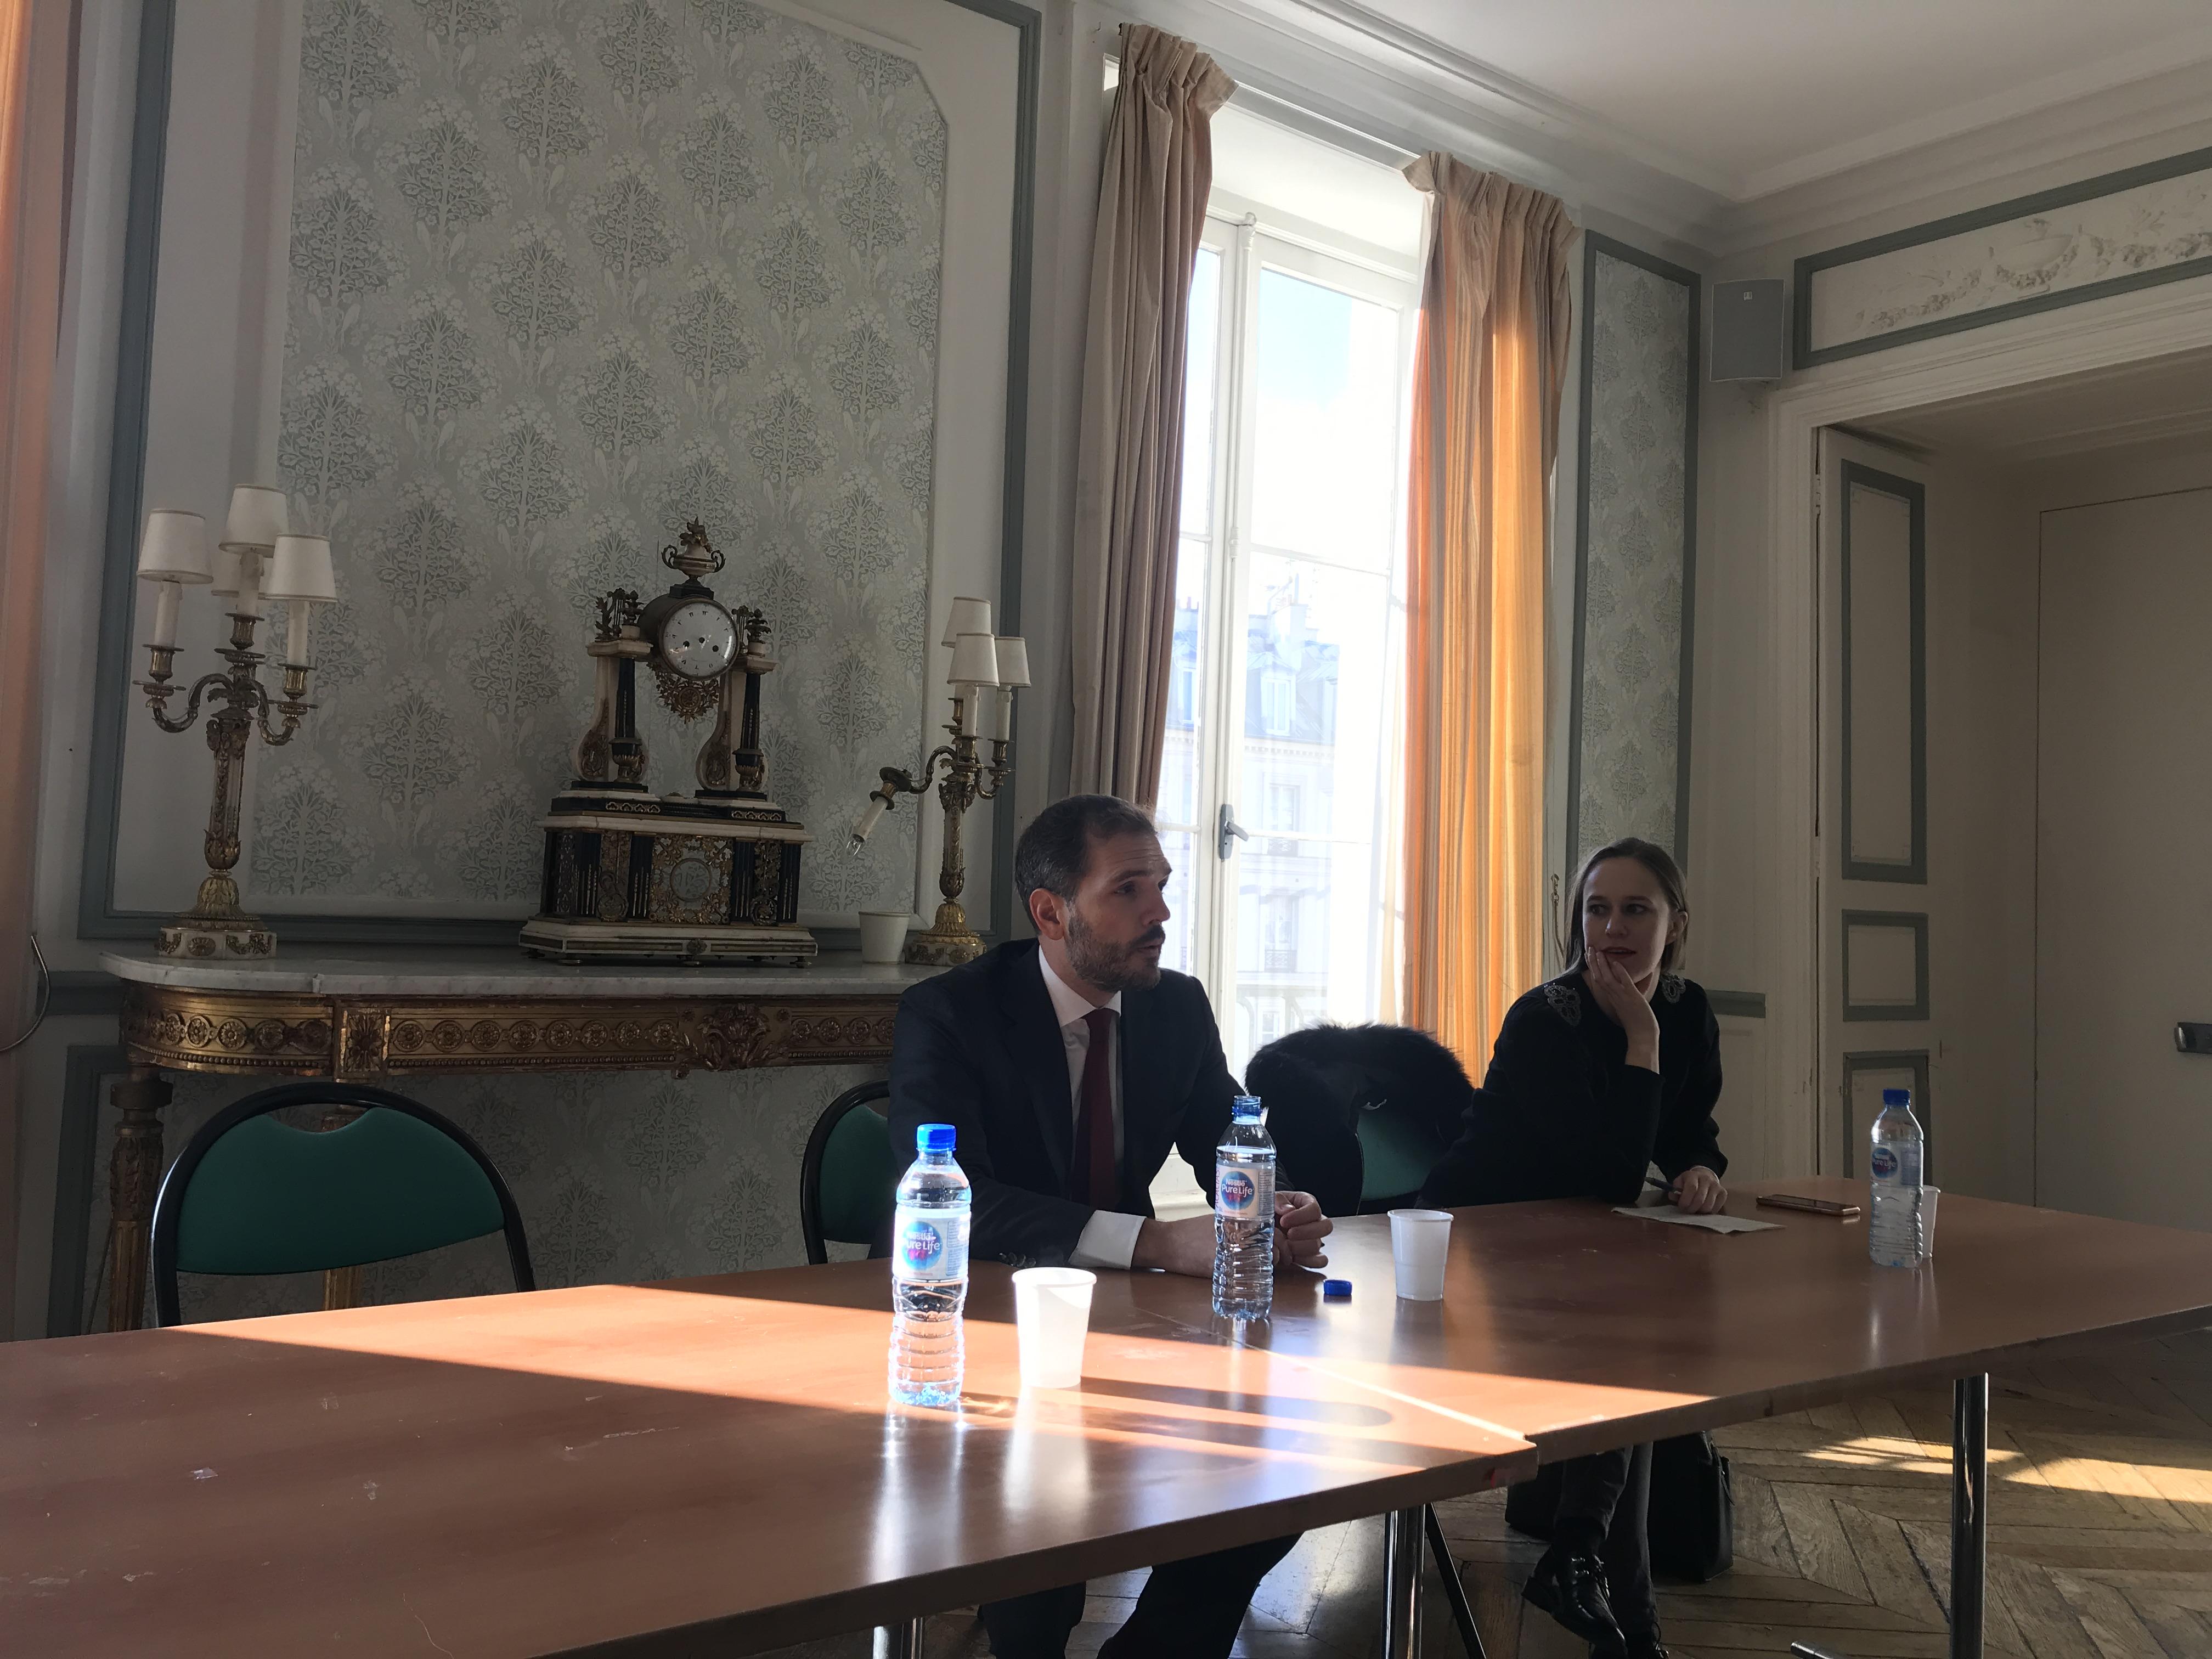 Agustín Tizón da una conferencia en la reconocida Universidad Panthéon-Sorbonne en París